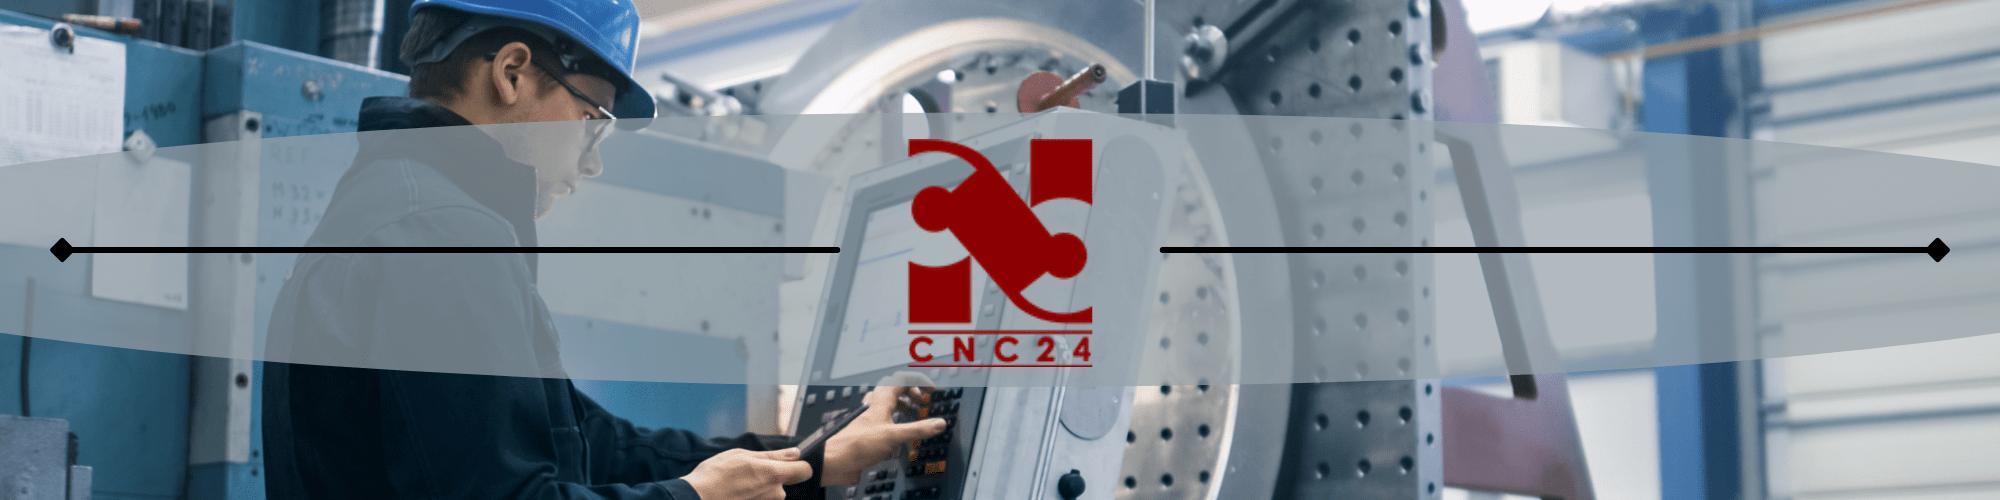 سی ان سی 24